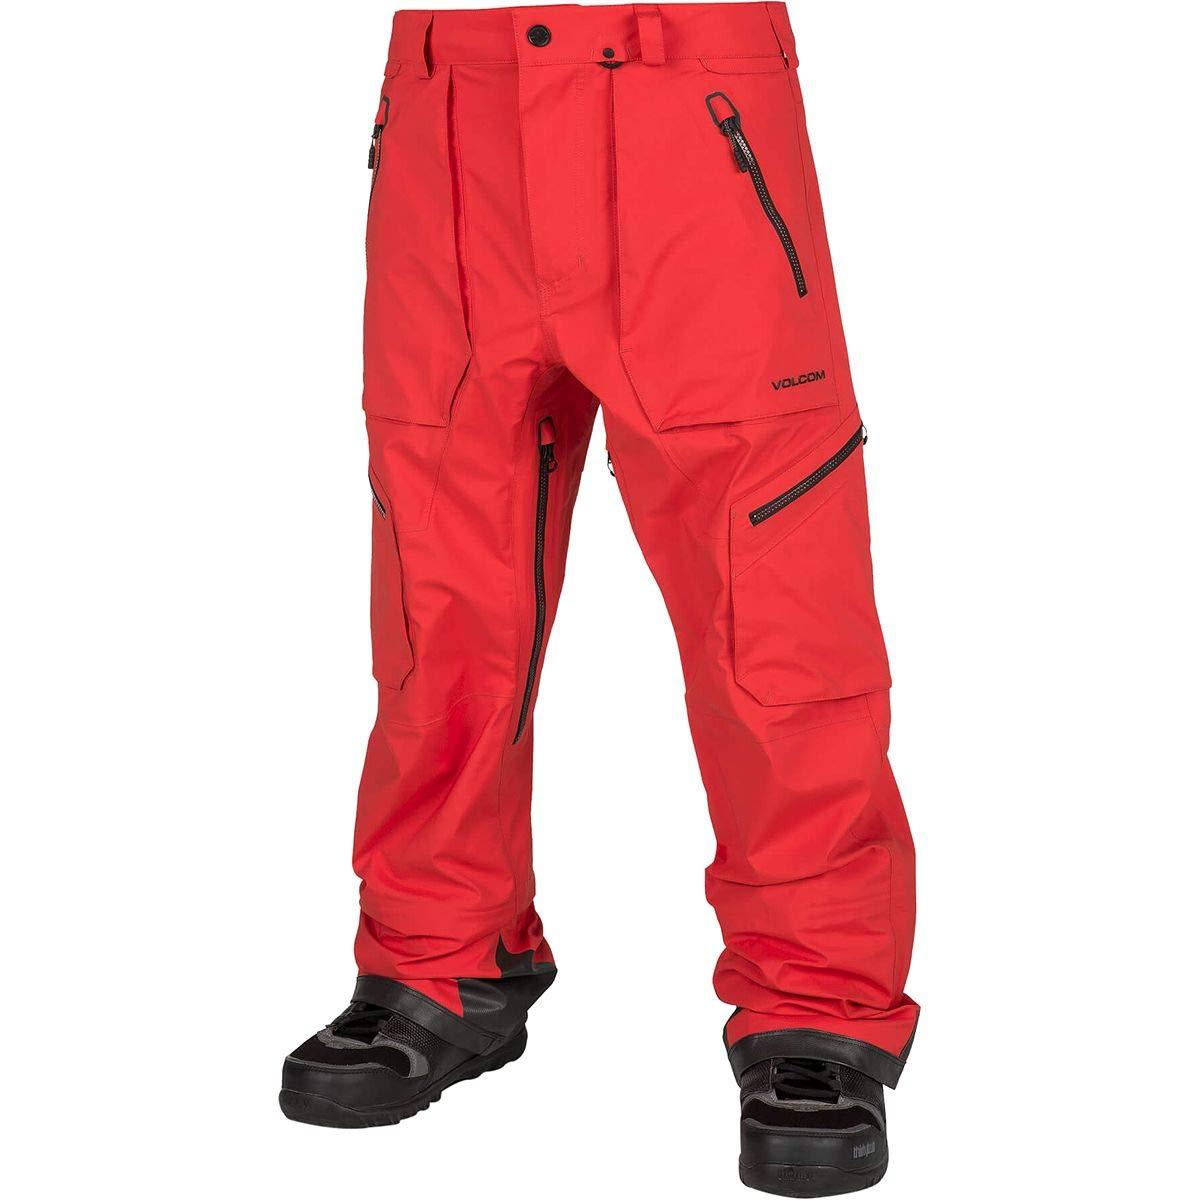 (ボルコム) Volcom Guch Stretch Gore-Tex Pant メンズ スノーボード ウェア ビブ パンツFire 赤 [並行輸入品] Fire 赤 日本サイズ XL相当 (US XL)